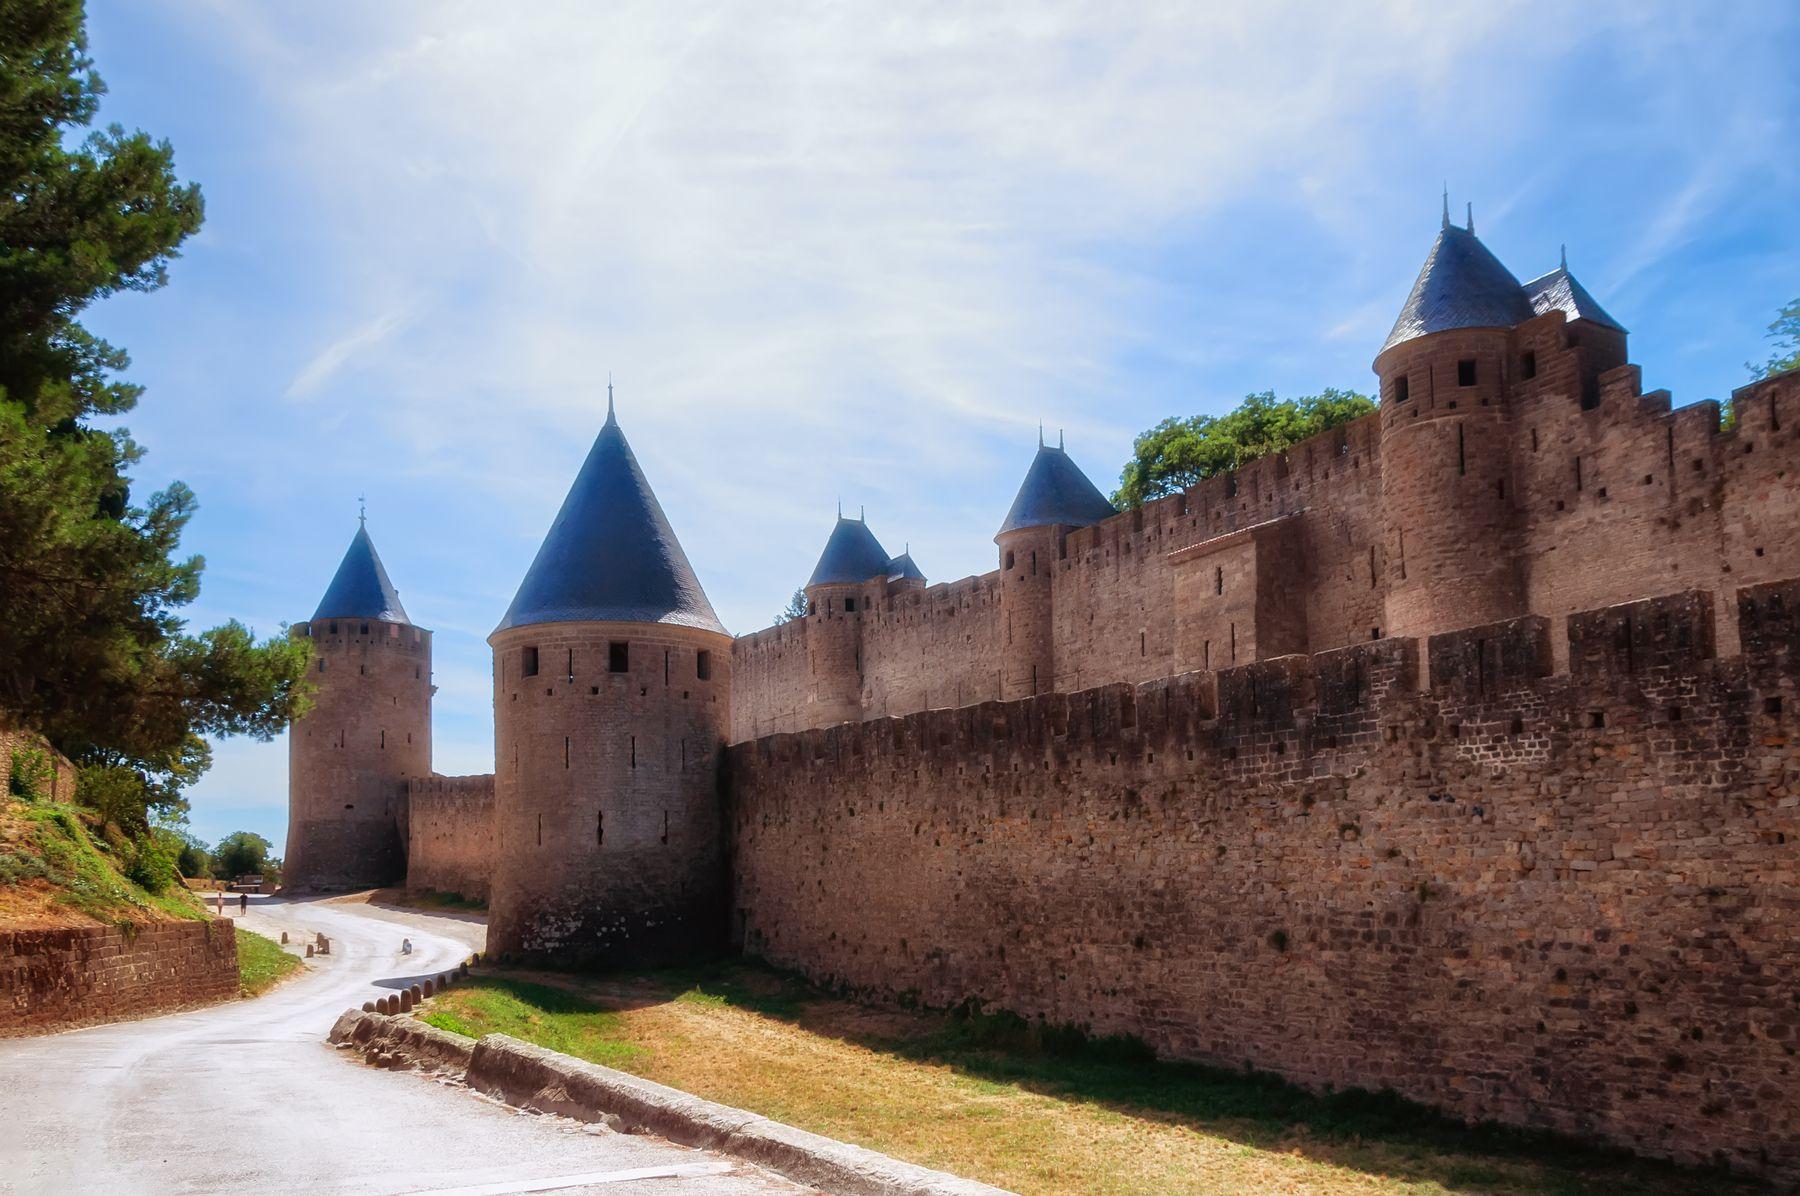 Замок пограничья замок Каркасон